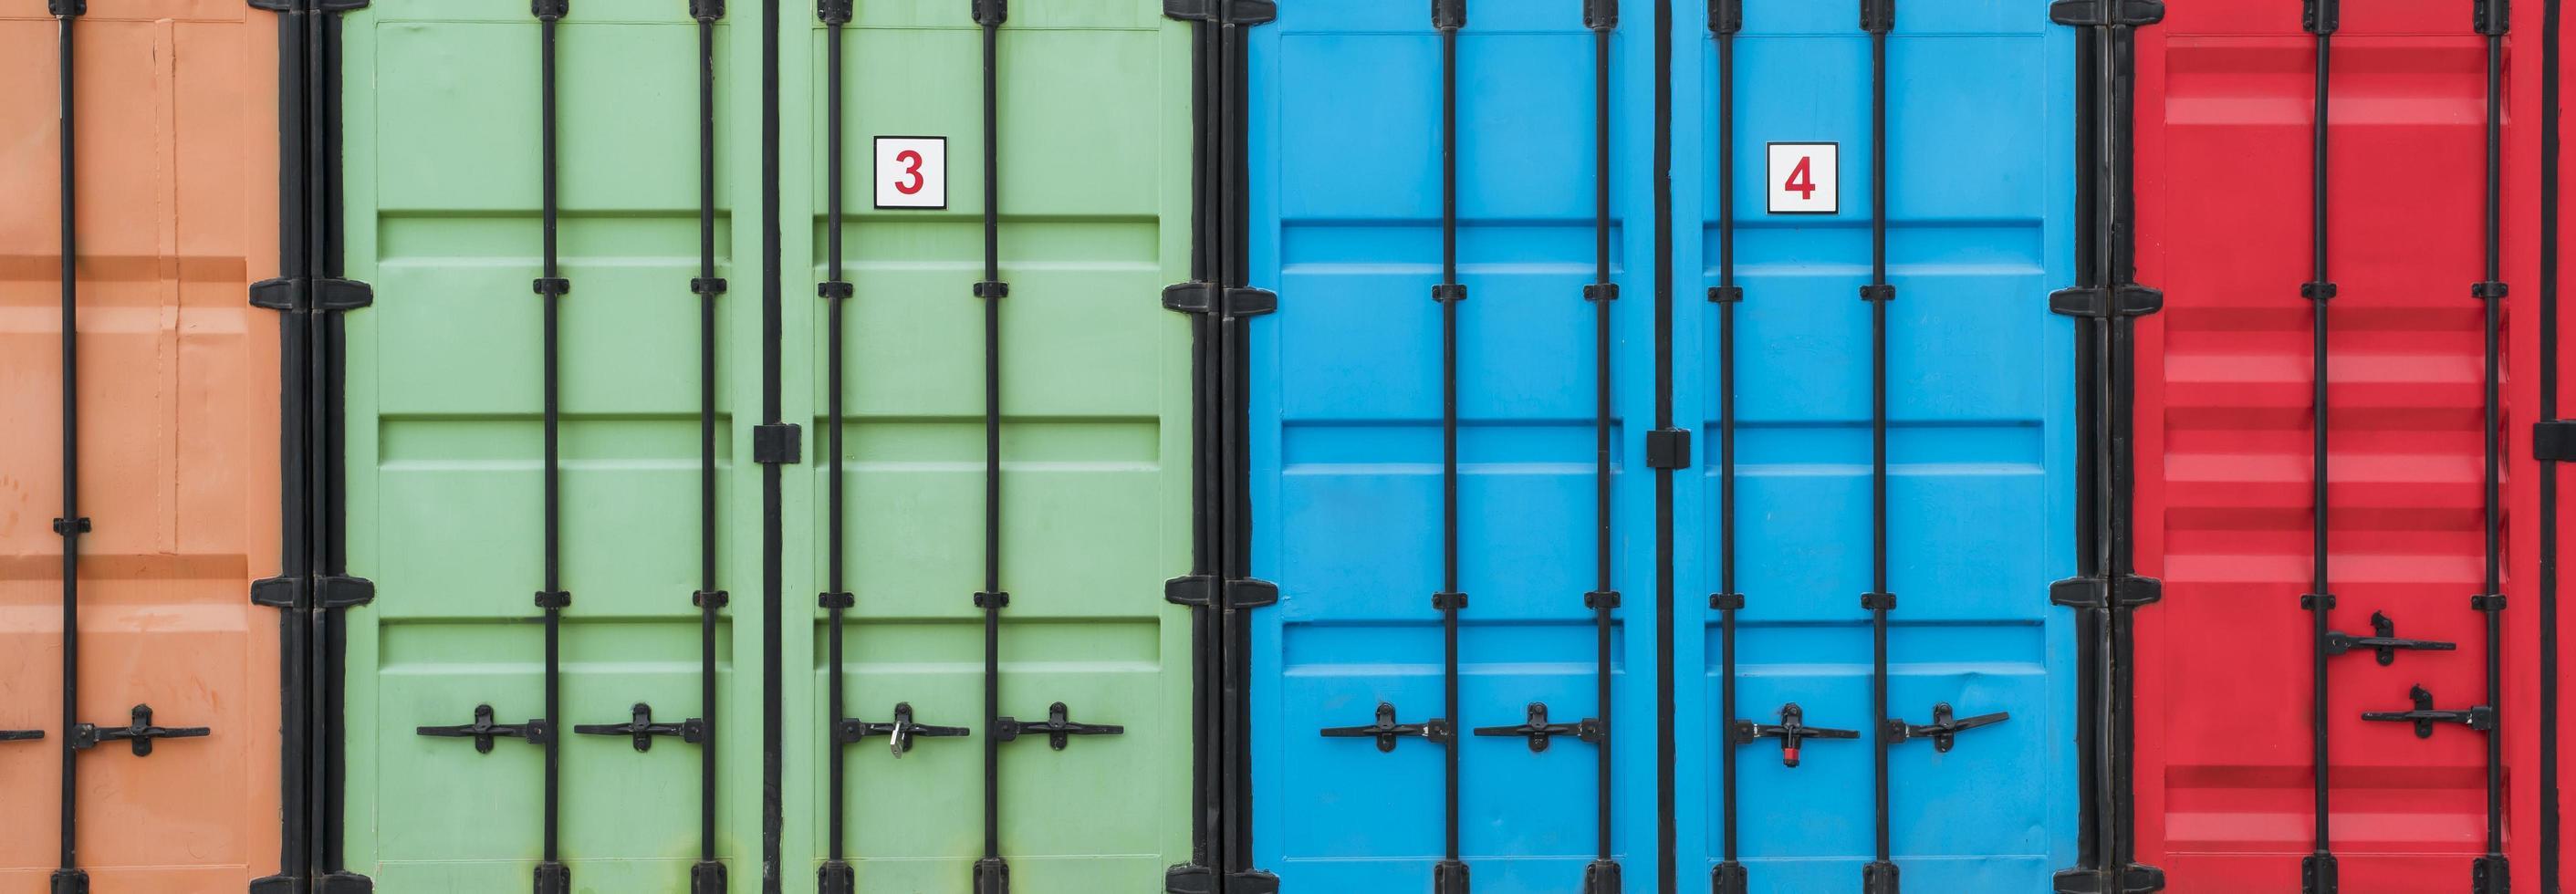 conteneurs de stockage colorés photo